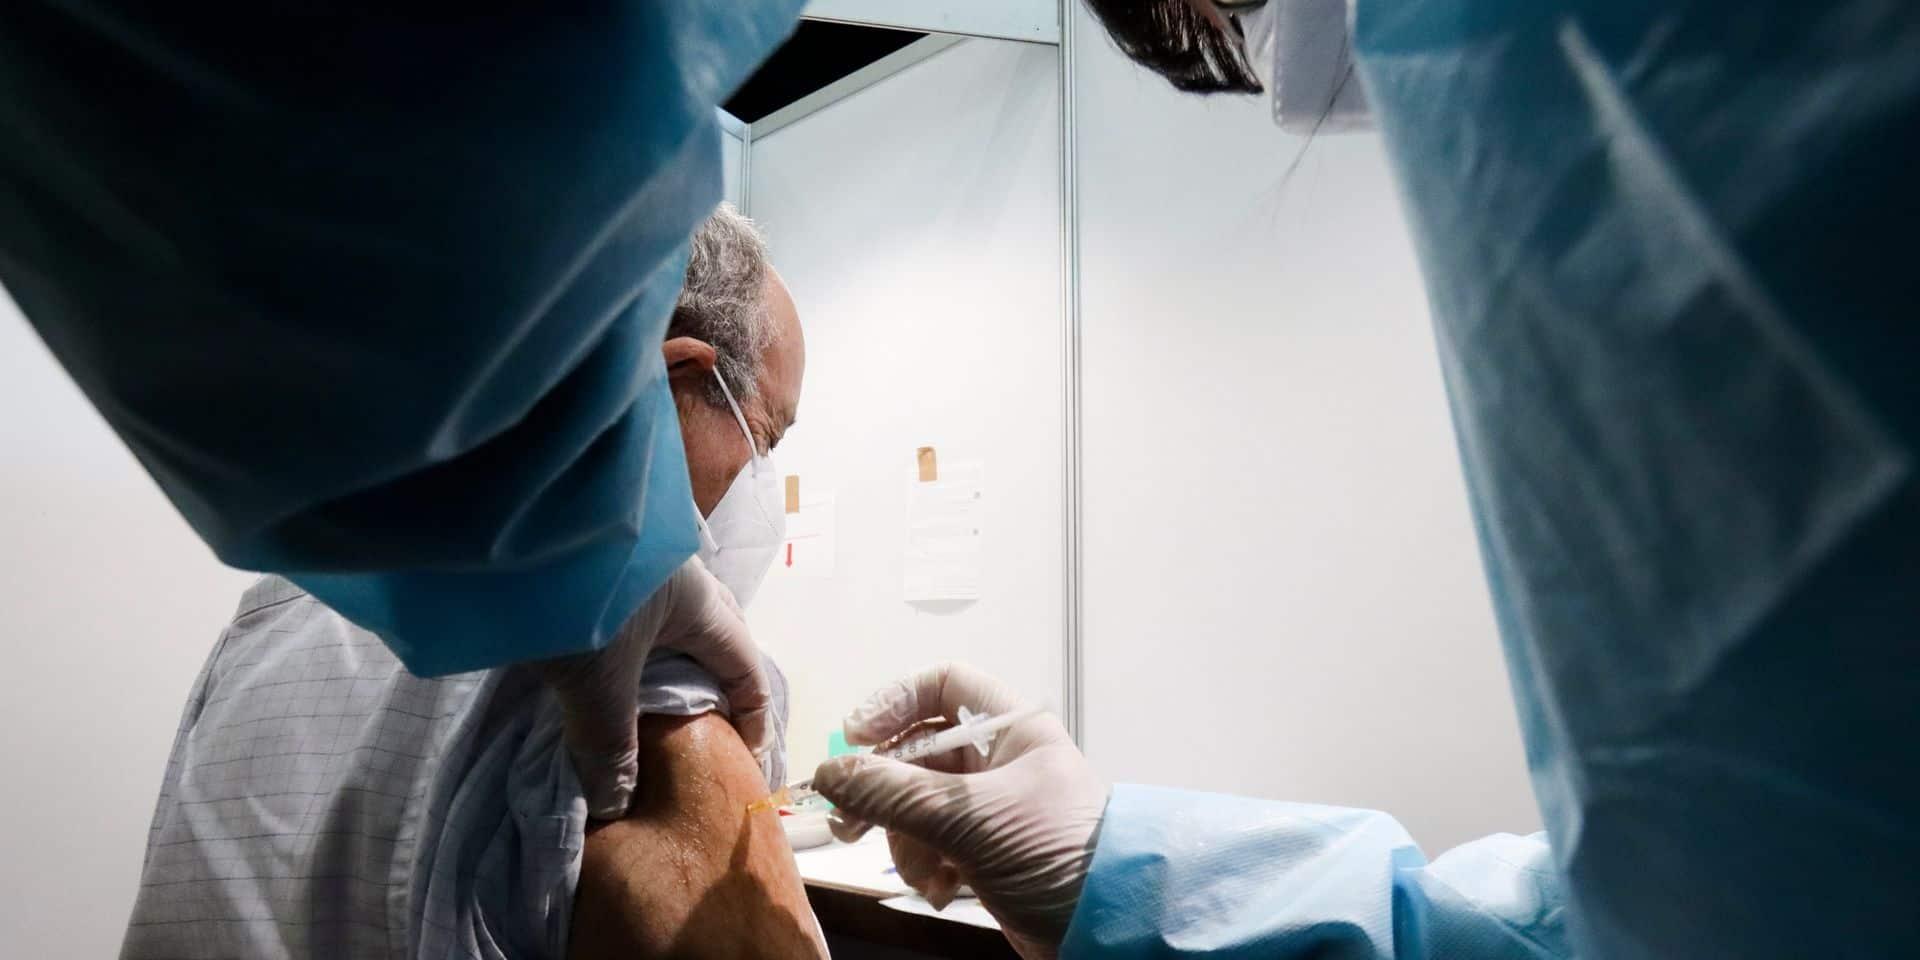 """Ces secteurs hospitaliers qui restent sans nouvelles du vaccin: """"On ne sait même pas quand il sera livré et on gère pourtant des cas de Covid aigus"""""""